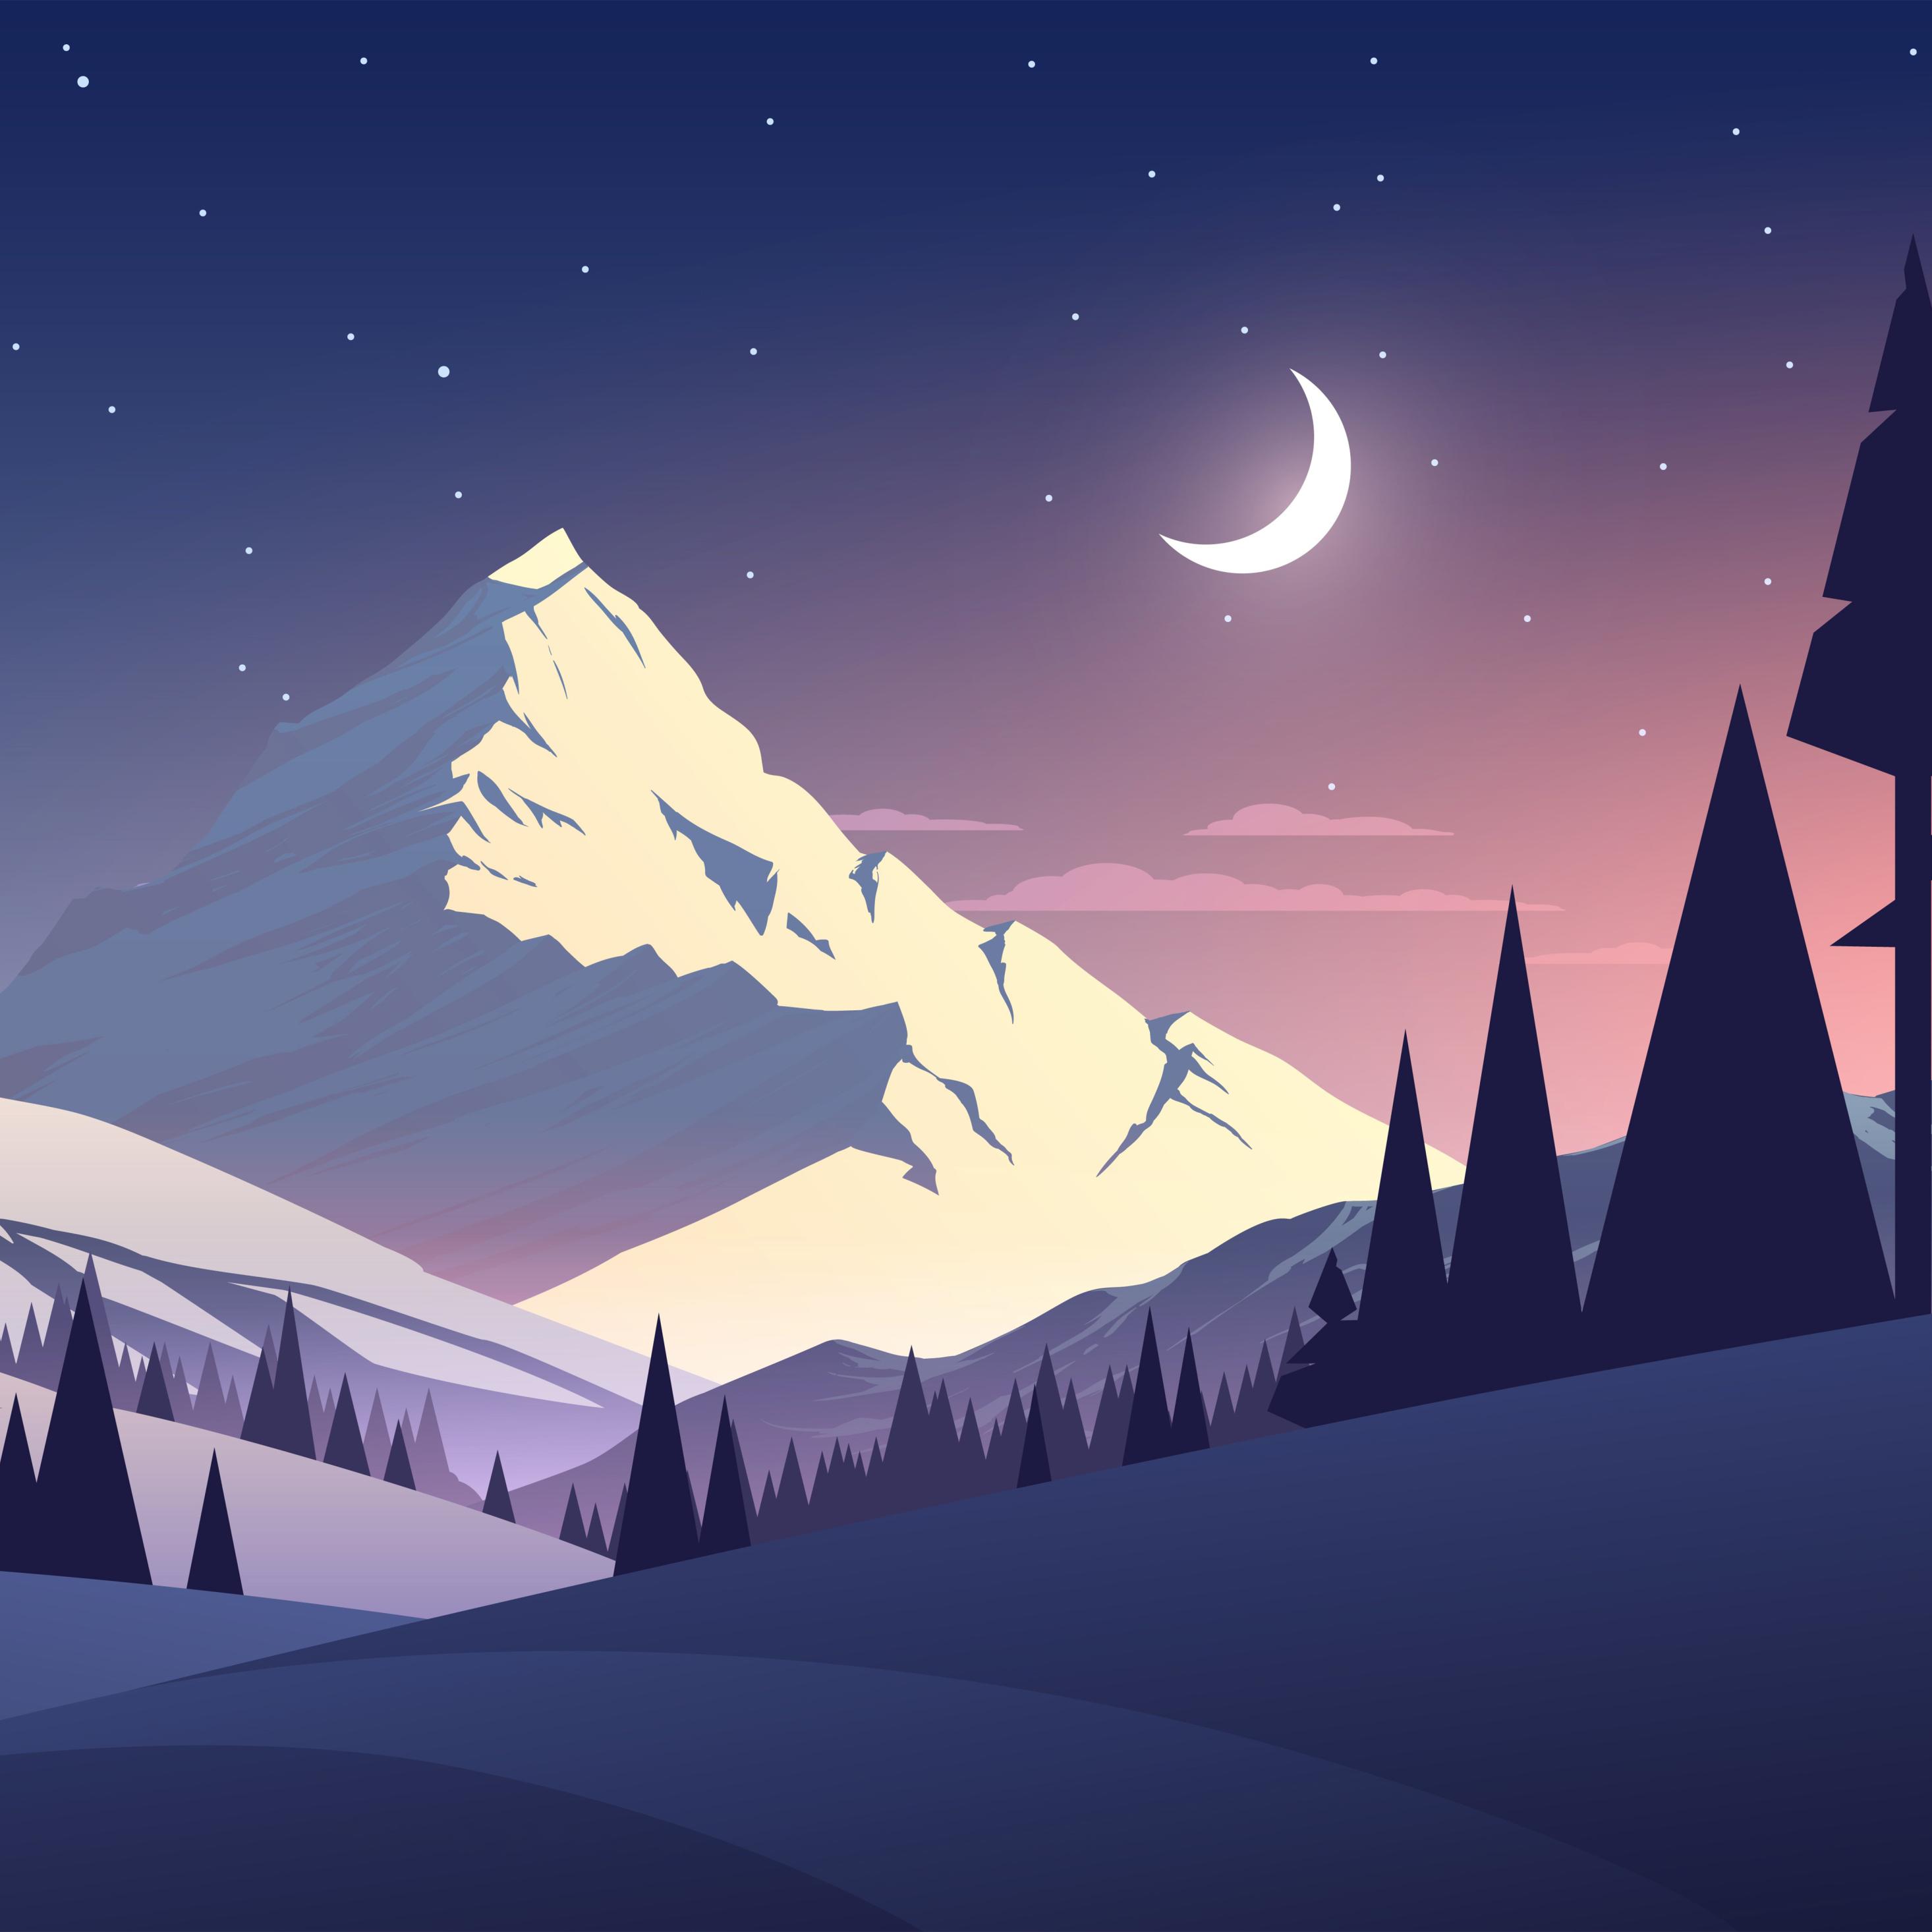 2932x2932 Night Mountains Summer Illustration Ipad Pro